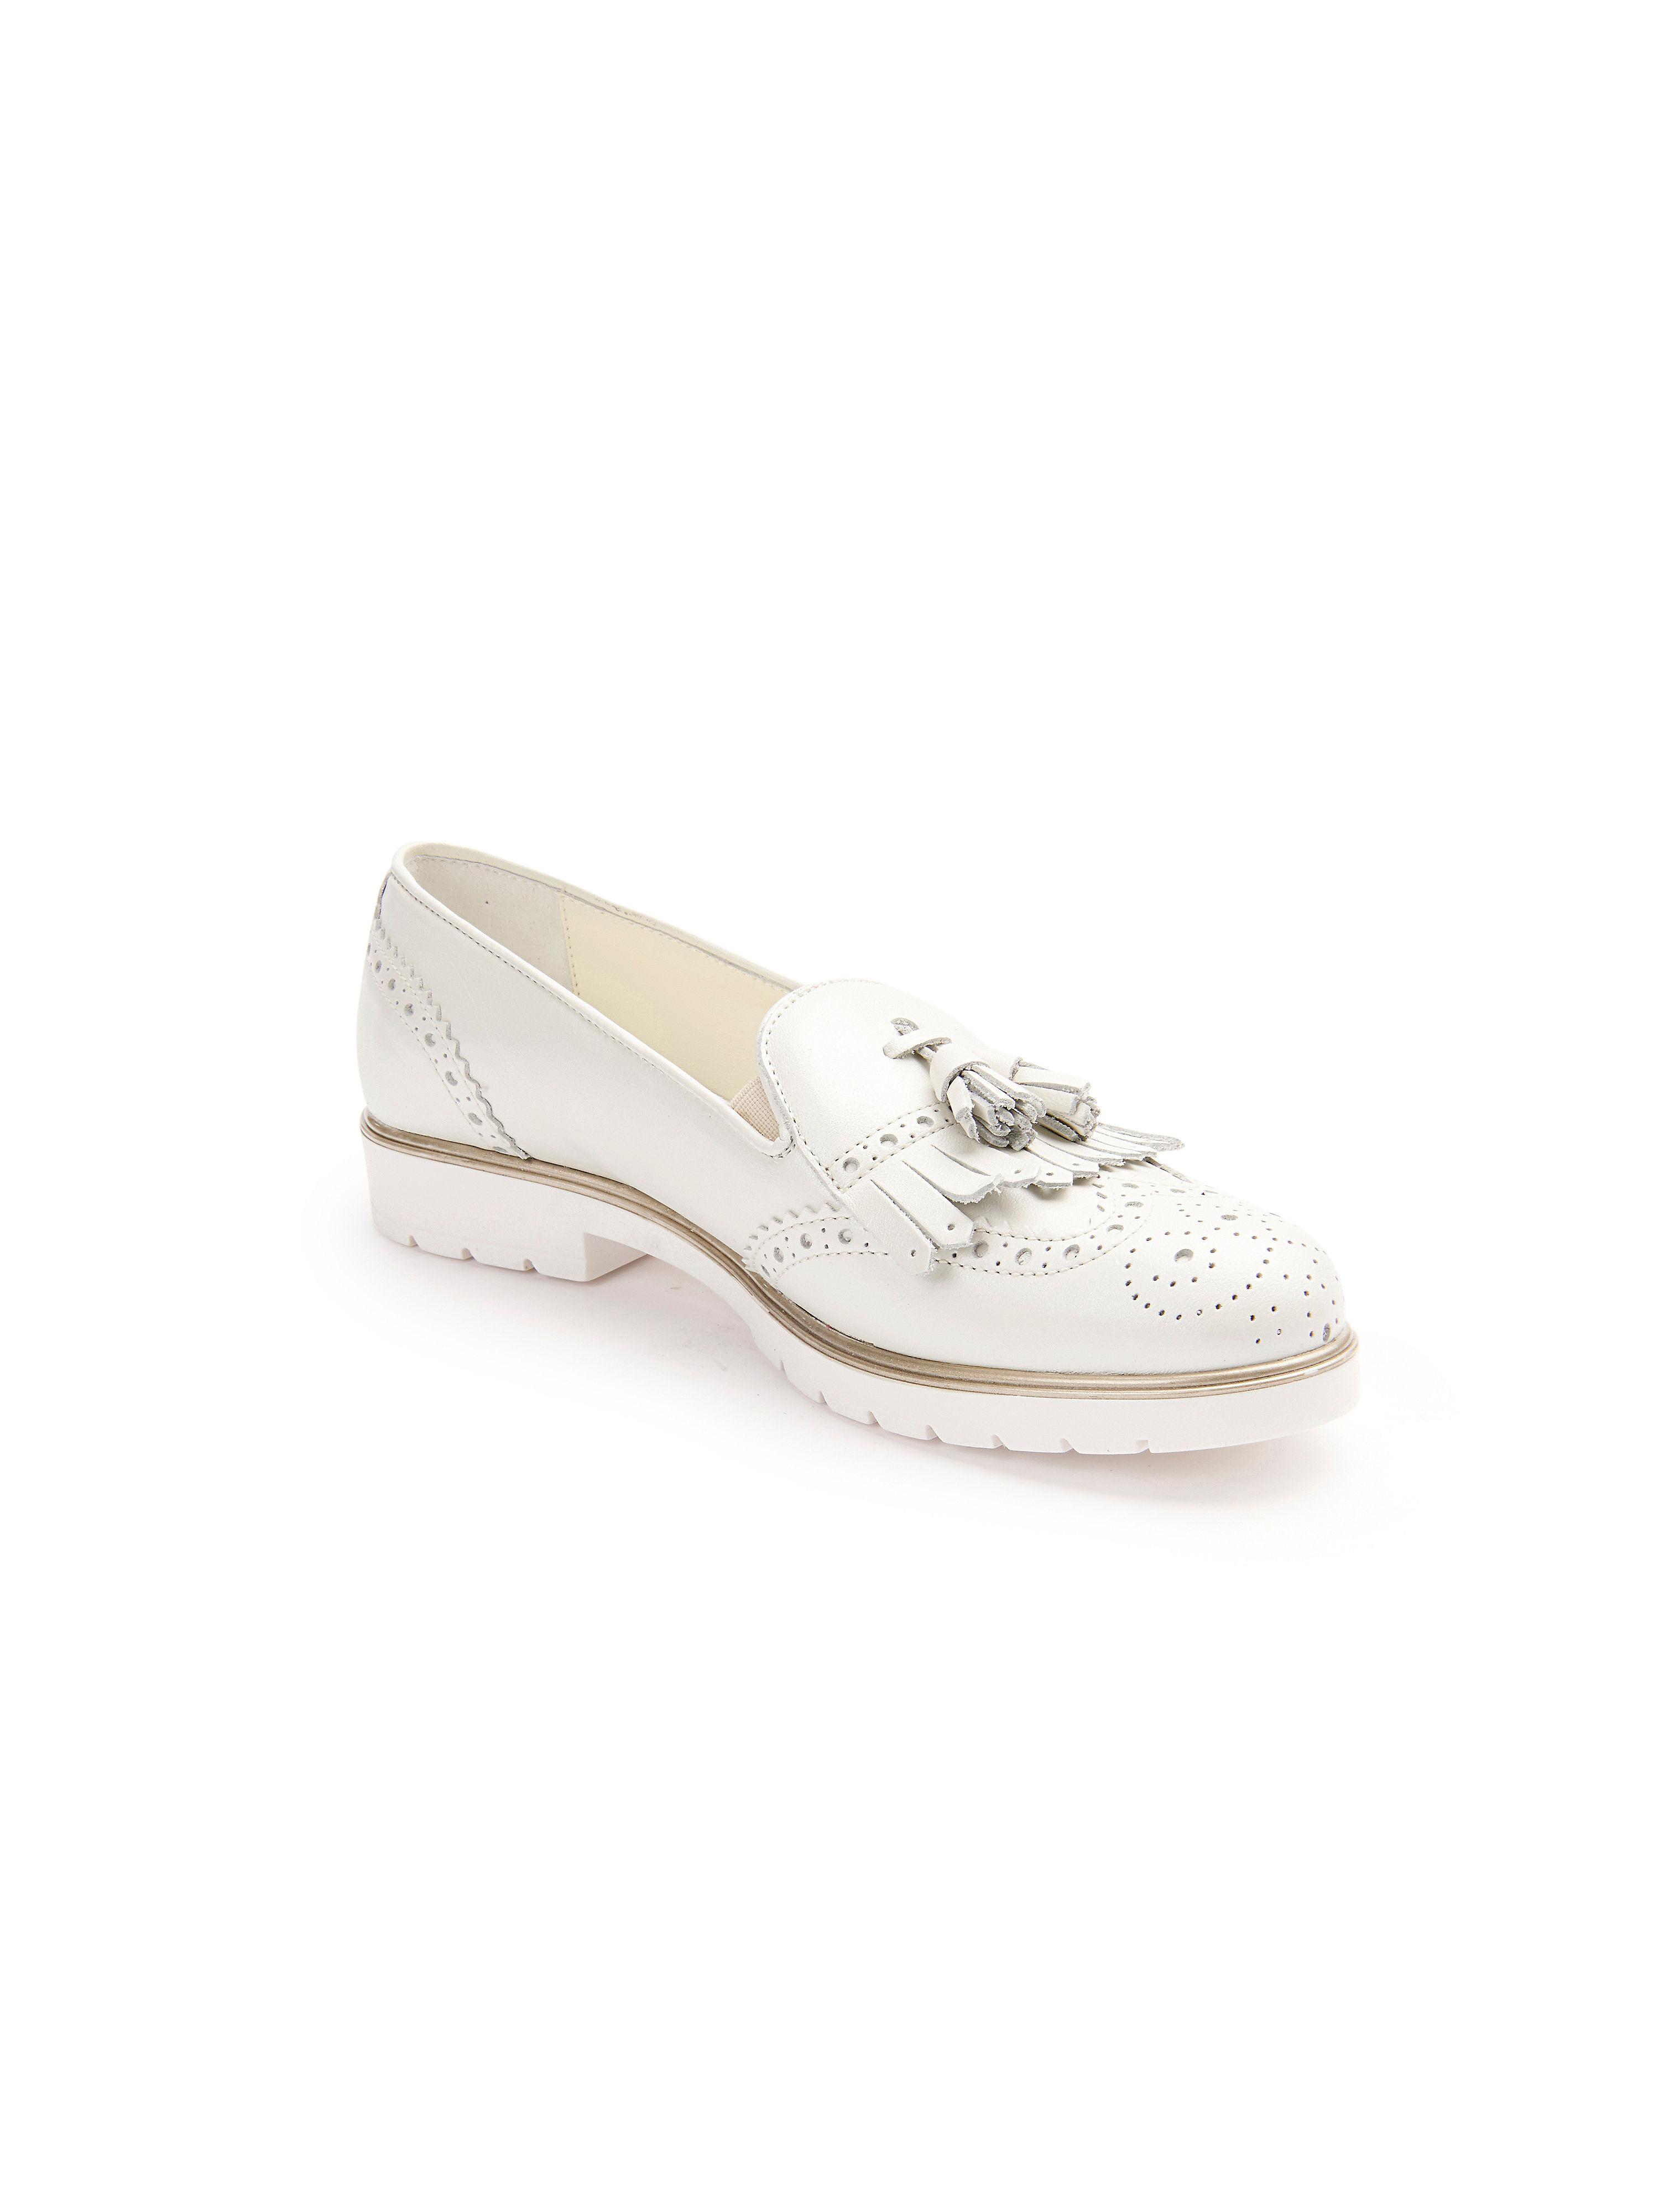 Peter Hahn exquisit - Slipper - Weiß Gute Qualität beliebte Schuhe